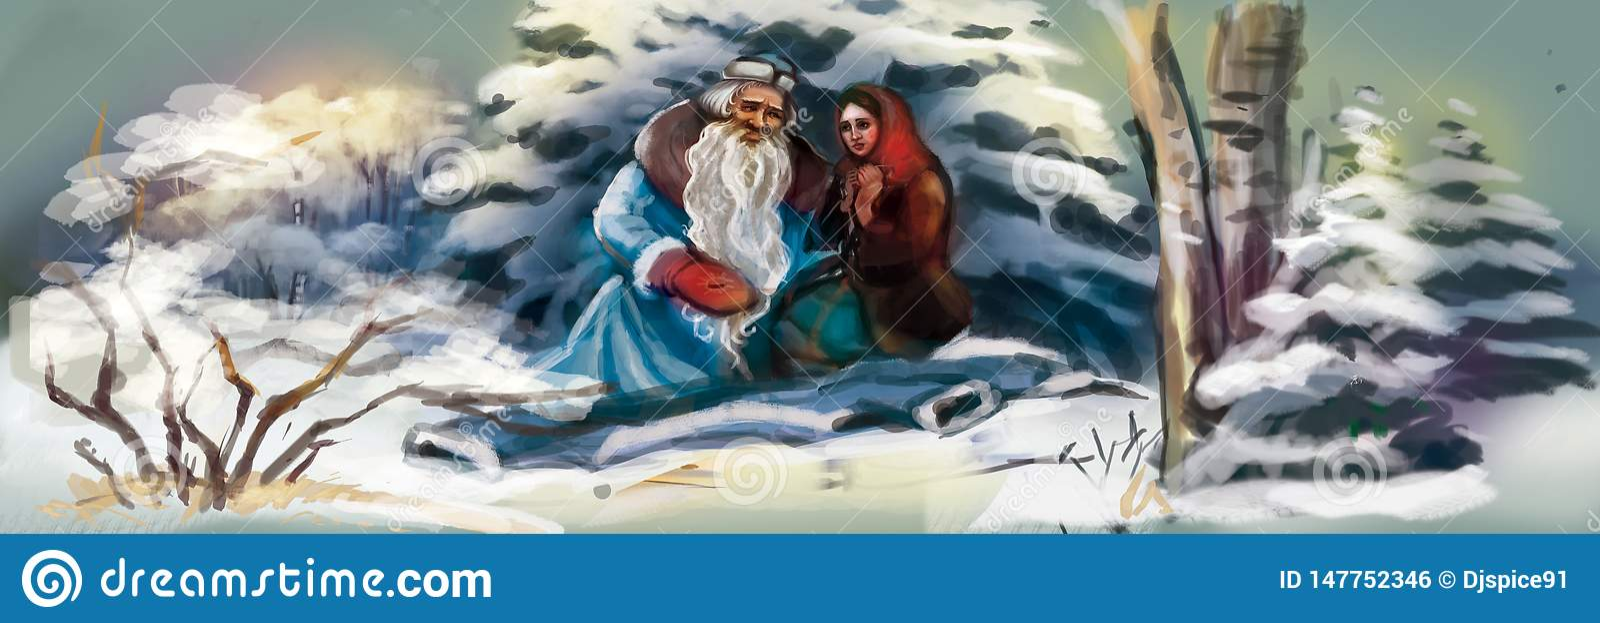 Święty Mikołaj z dziewczyną w zima lesie